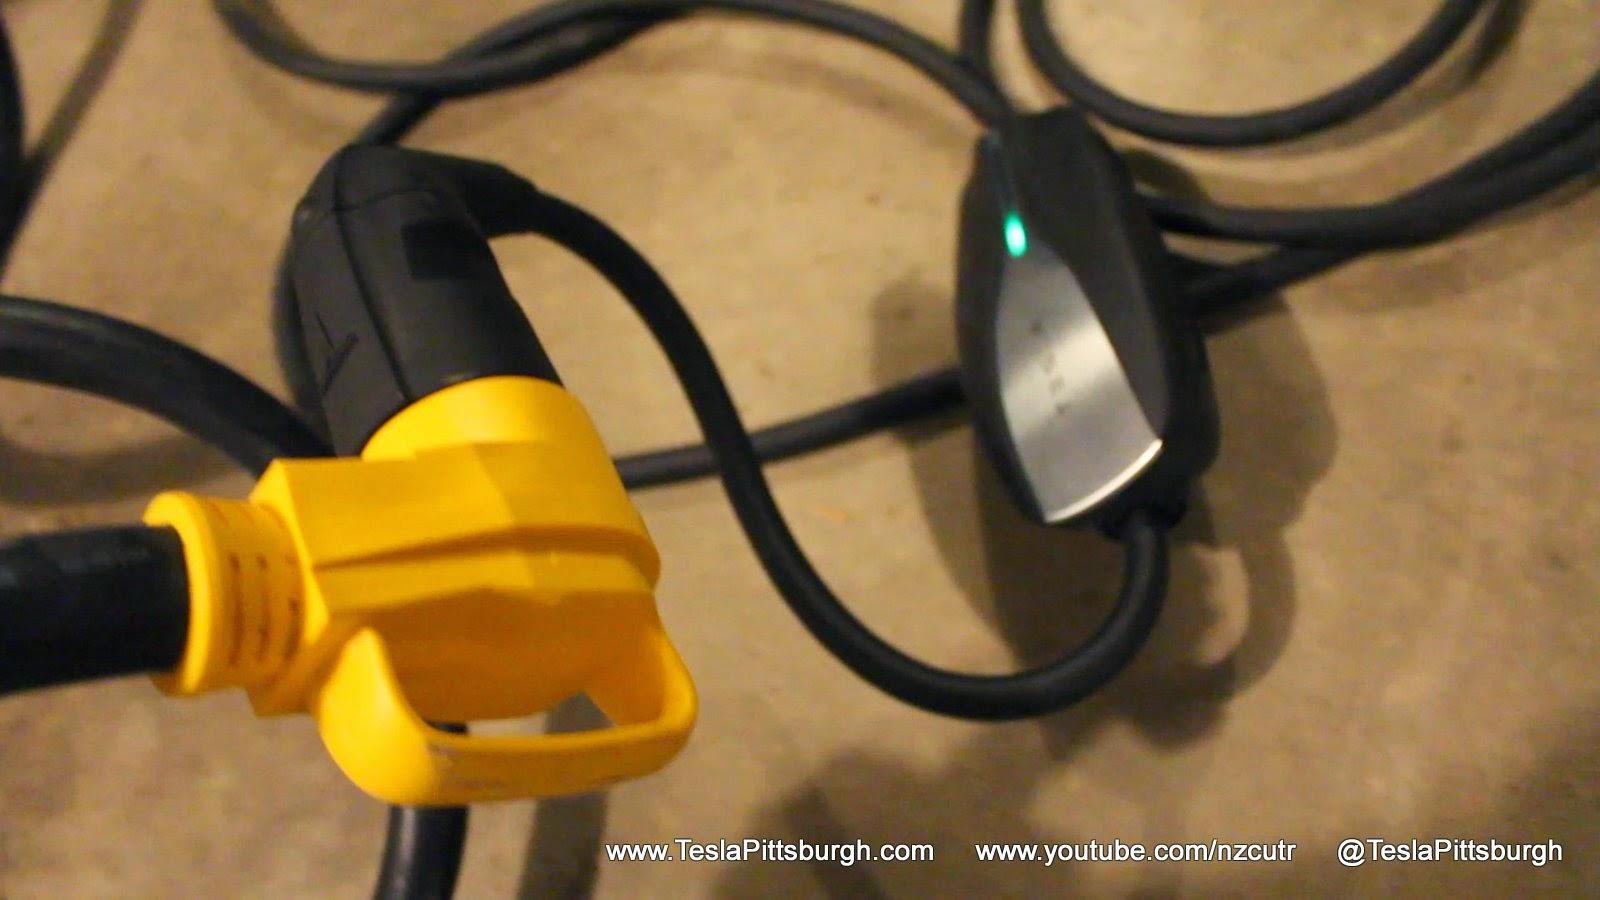 Tesla-UMC-Camco-50amp-Cord-90deg-Plug-2